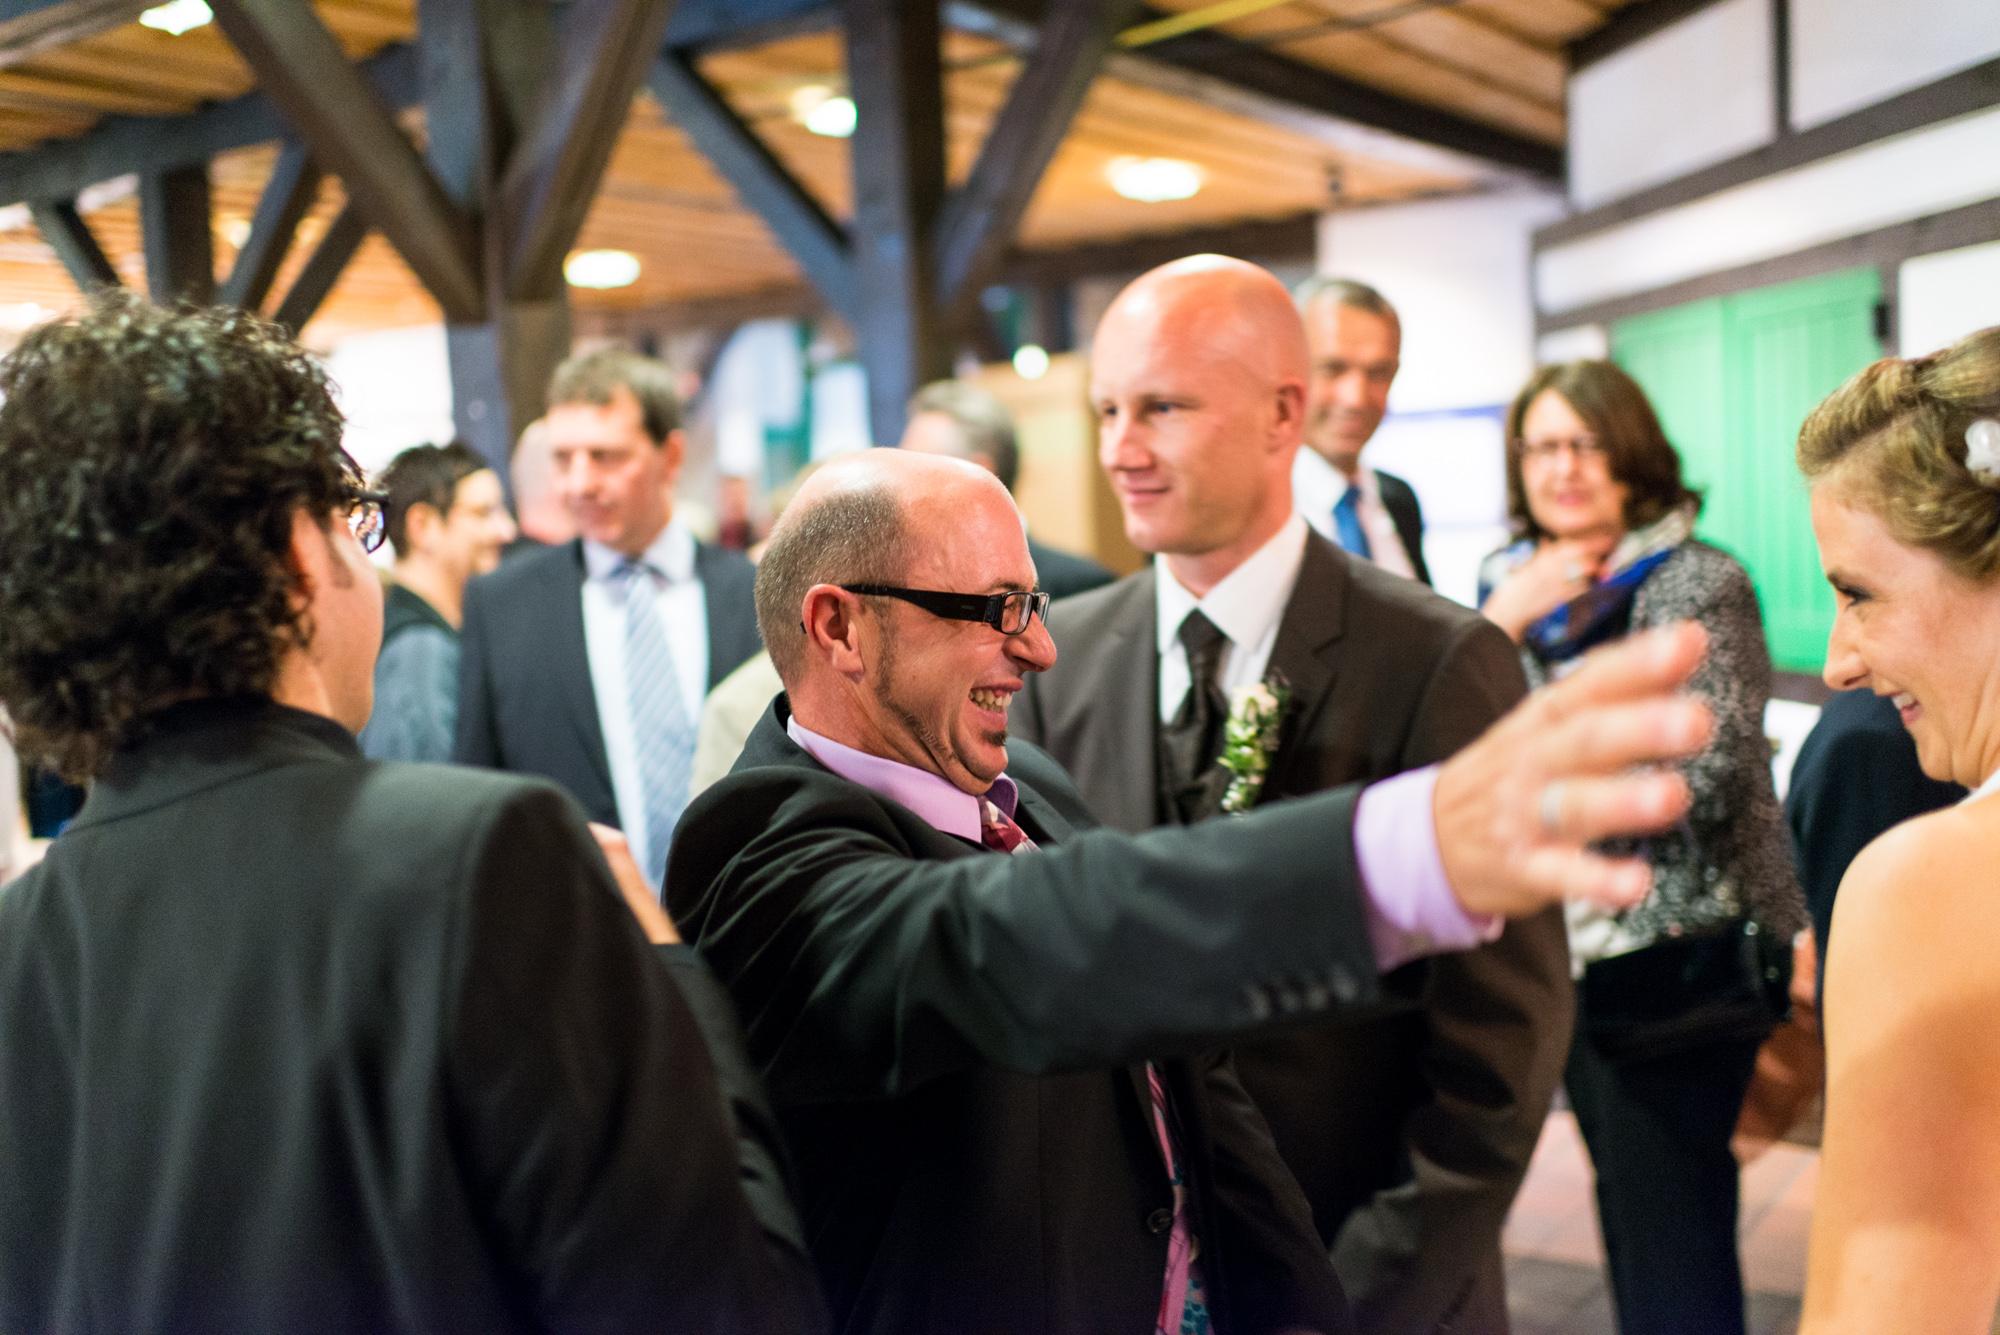 Fotograf Konstanz - Hochzeit Katja und Christian 100 - Als Hochzeitsfotograf in Bad Dürrheim unterwegs  - 50 -